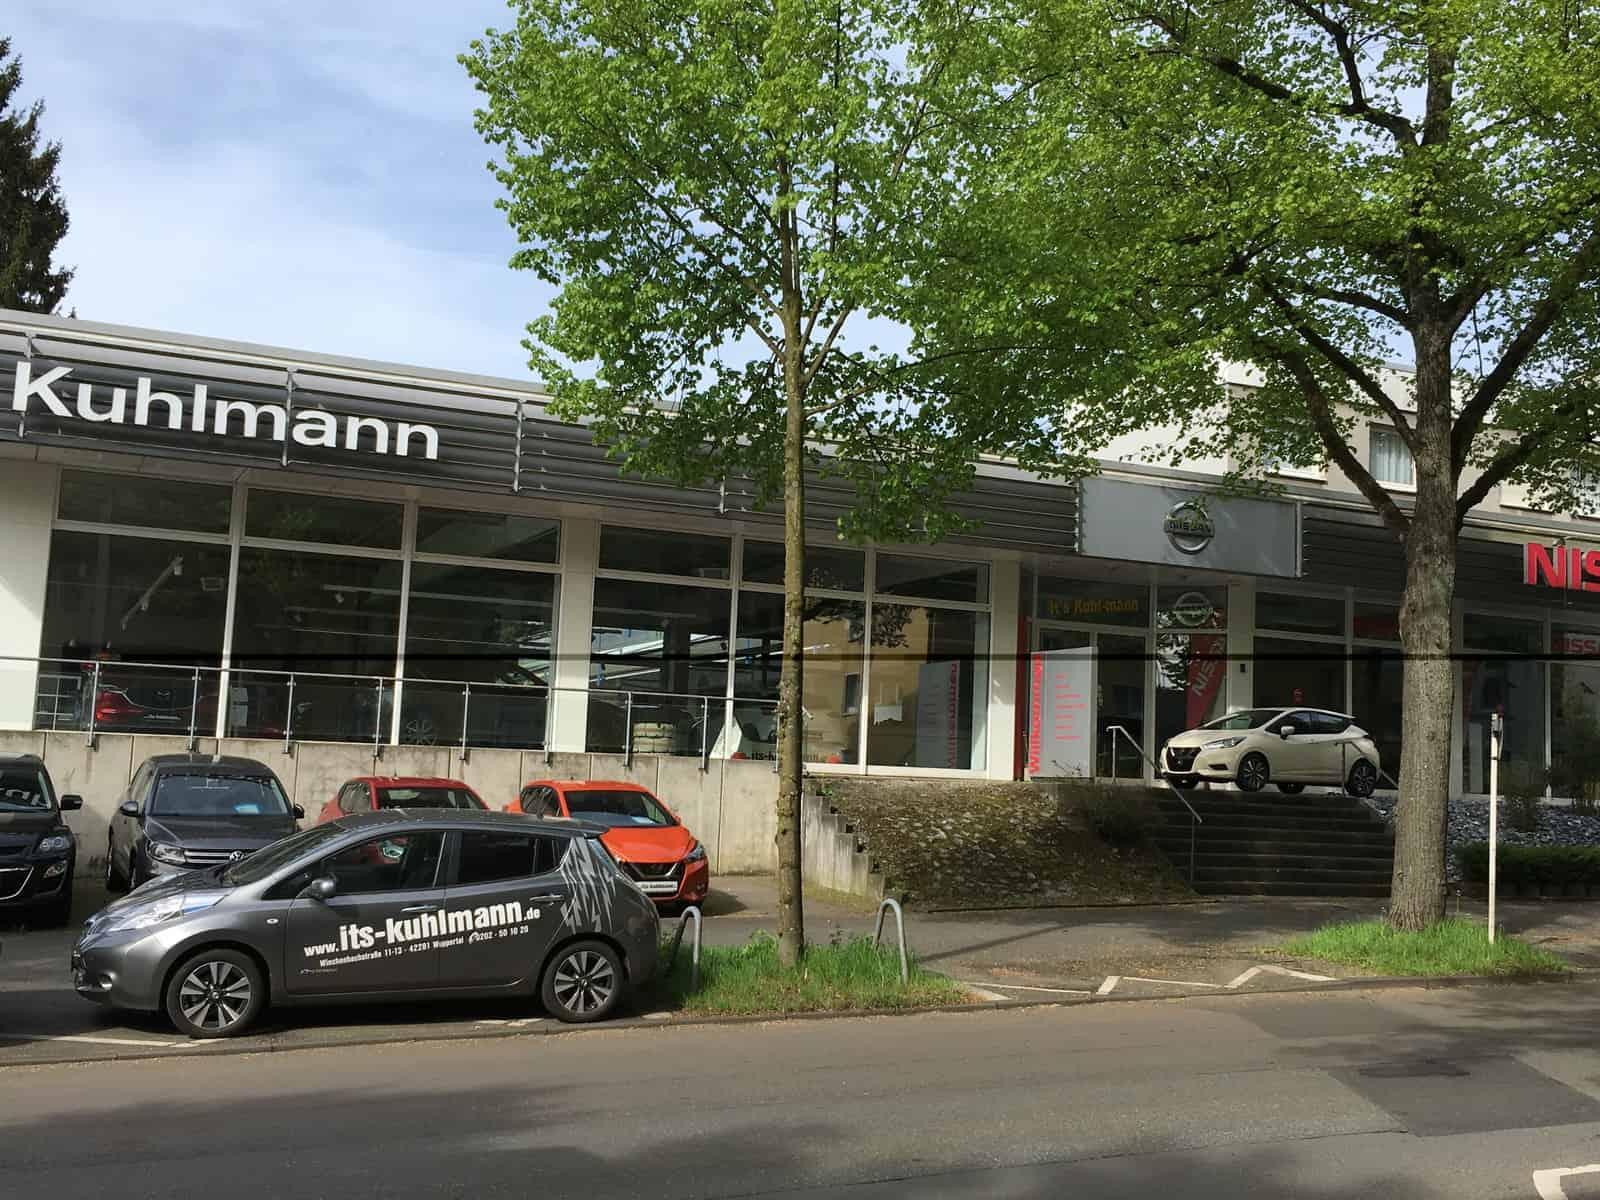 Autohaus Kuhlmann Bester Autohändler 2018 Wuppertal Total